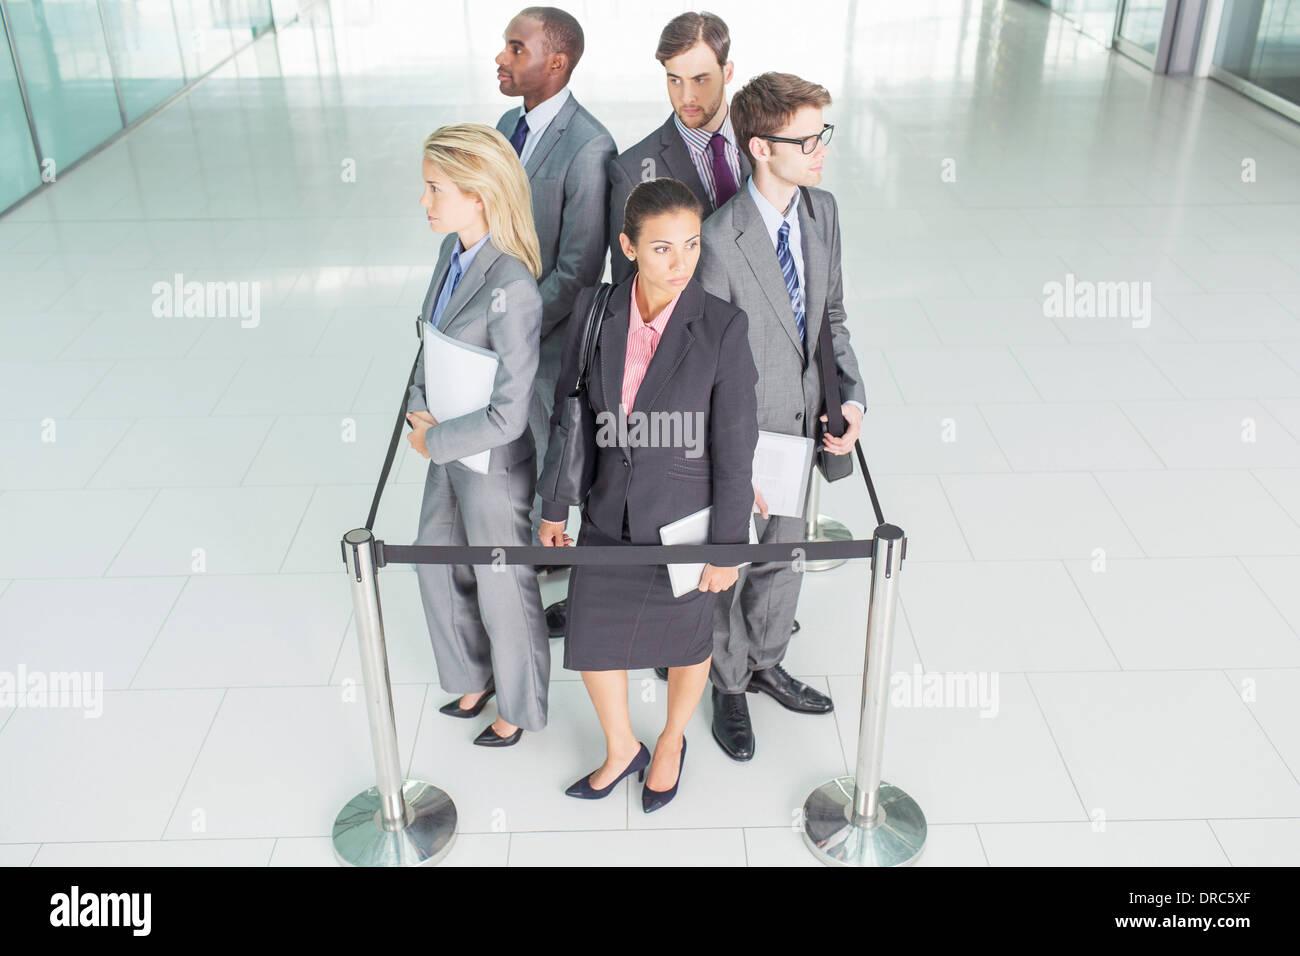 La gente de negocios de pie en la plaza sogas Imagen De Stock